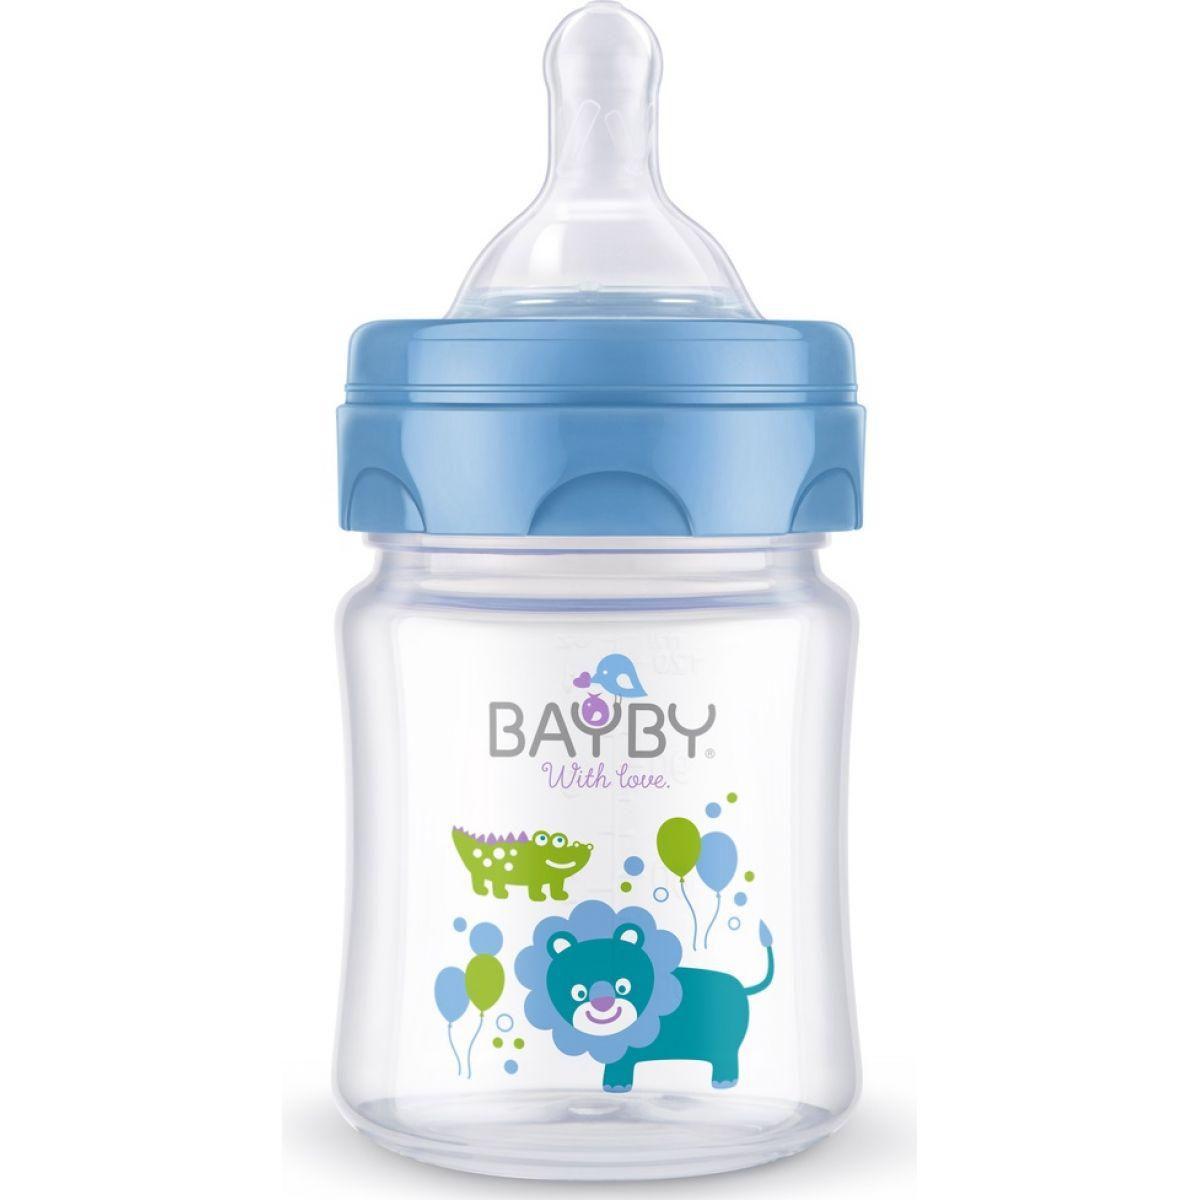 BAYBY Dojčenská fľaša 120ml modrá